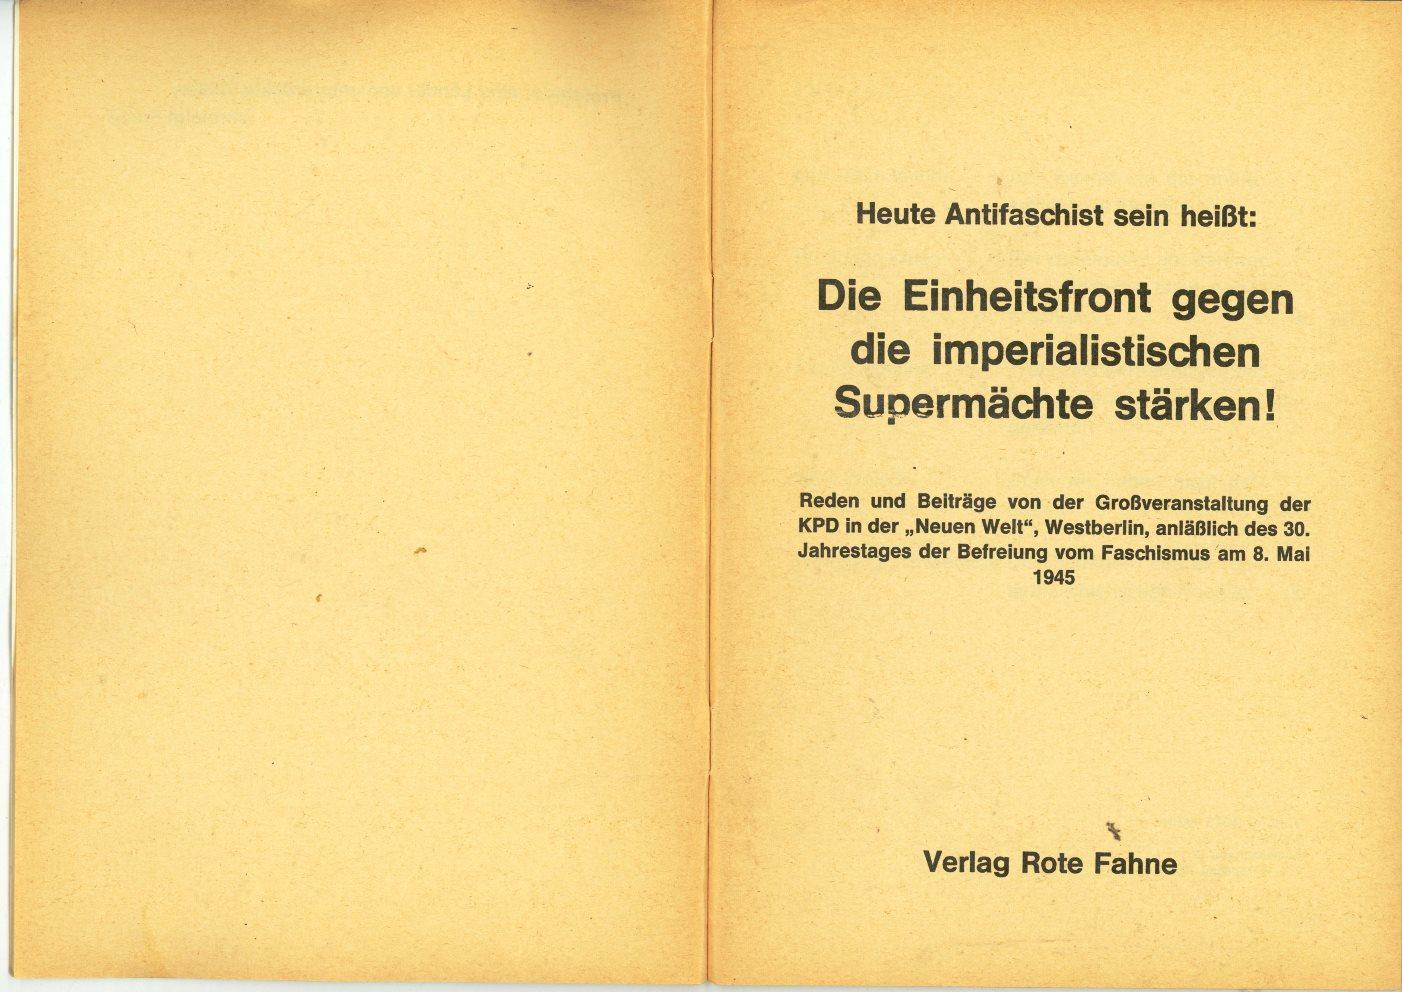 KPDAO_1975_30_Jahrestag_der_Befreiung_vom_Faschismus_03